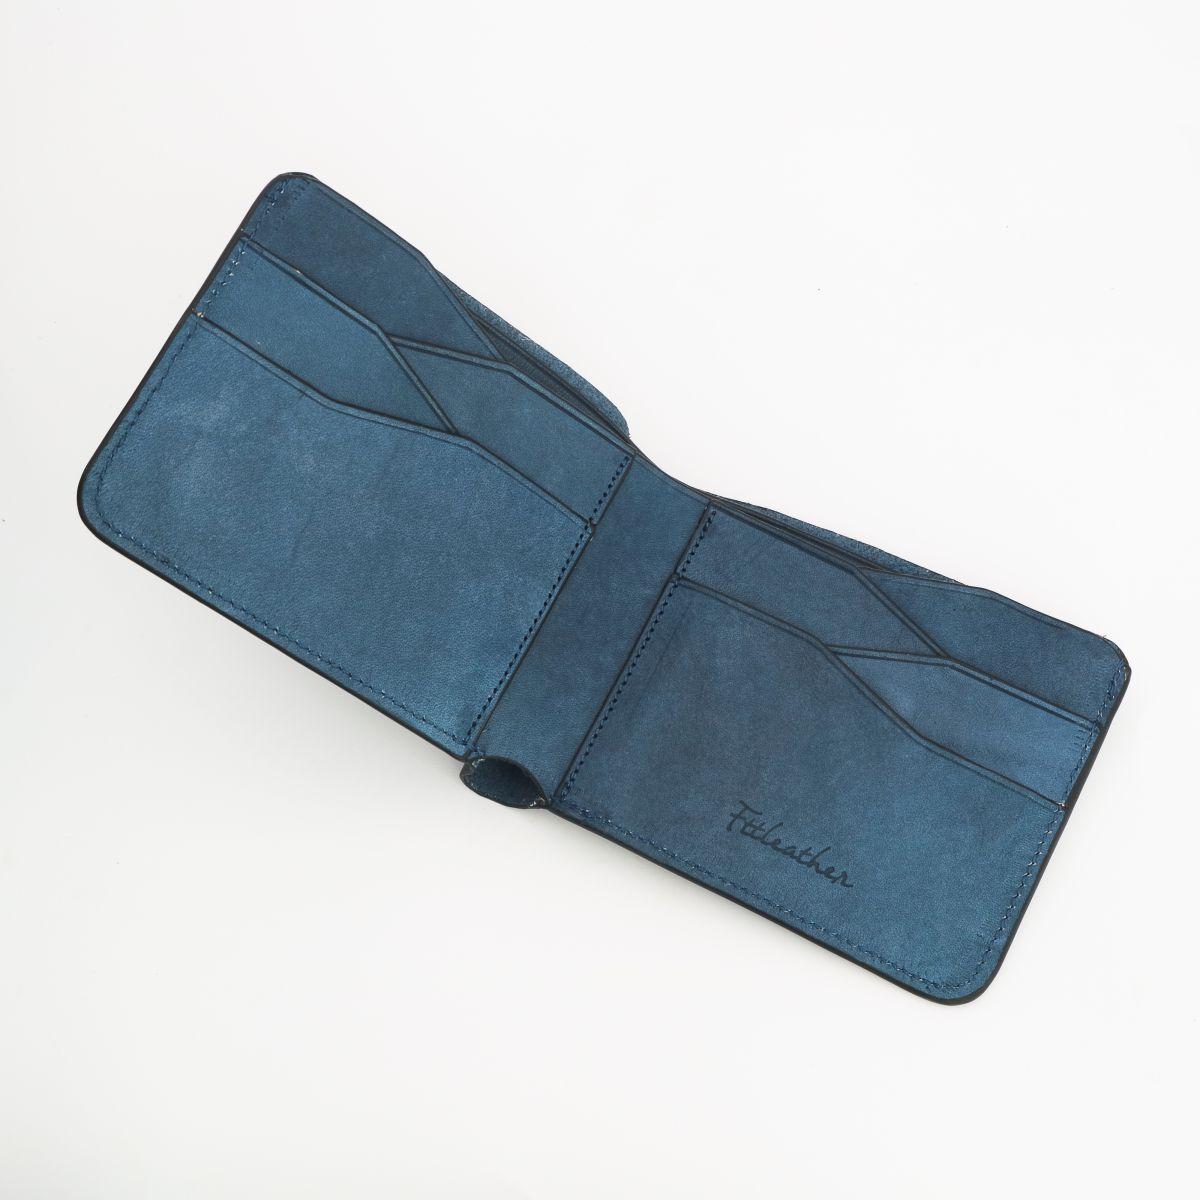 Ví da VEG màu xanh dương handmade mã V01010550NA